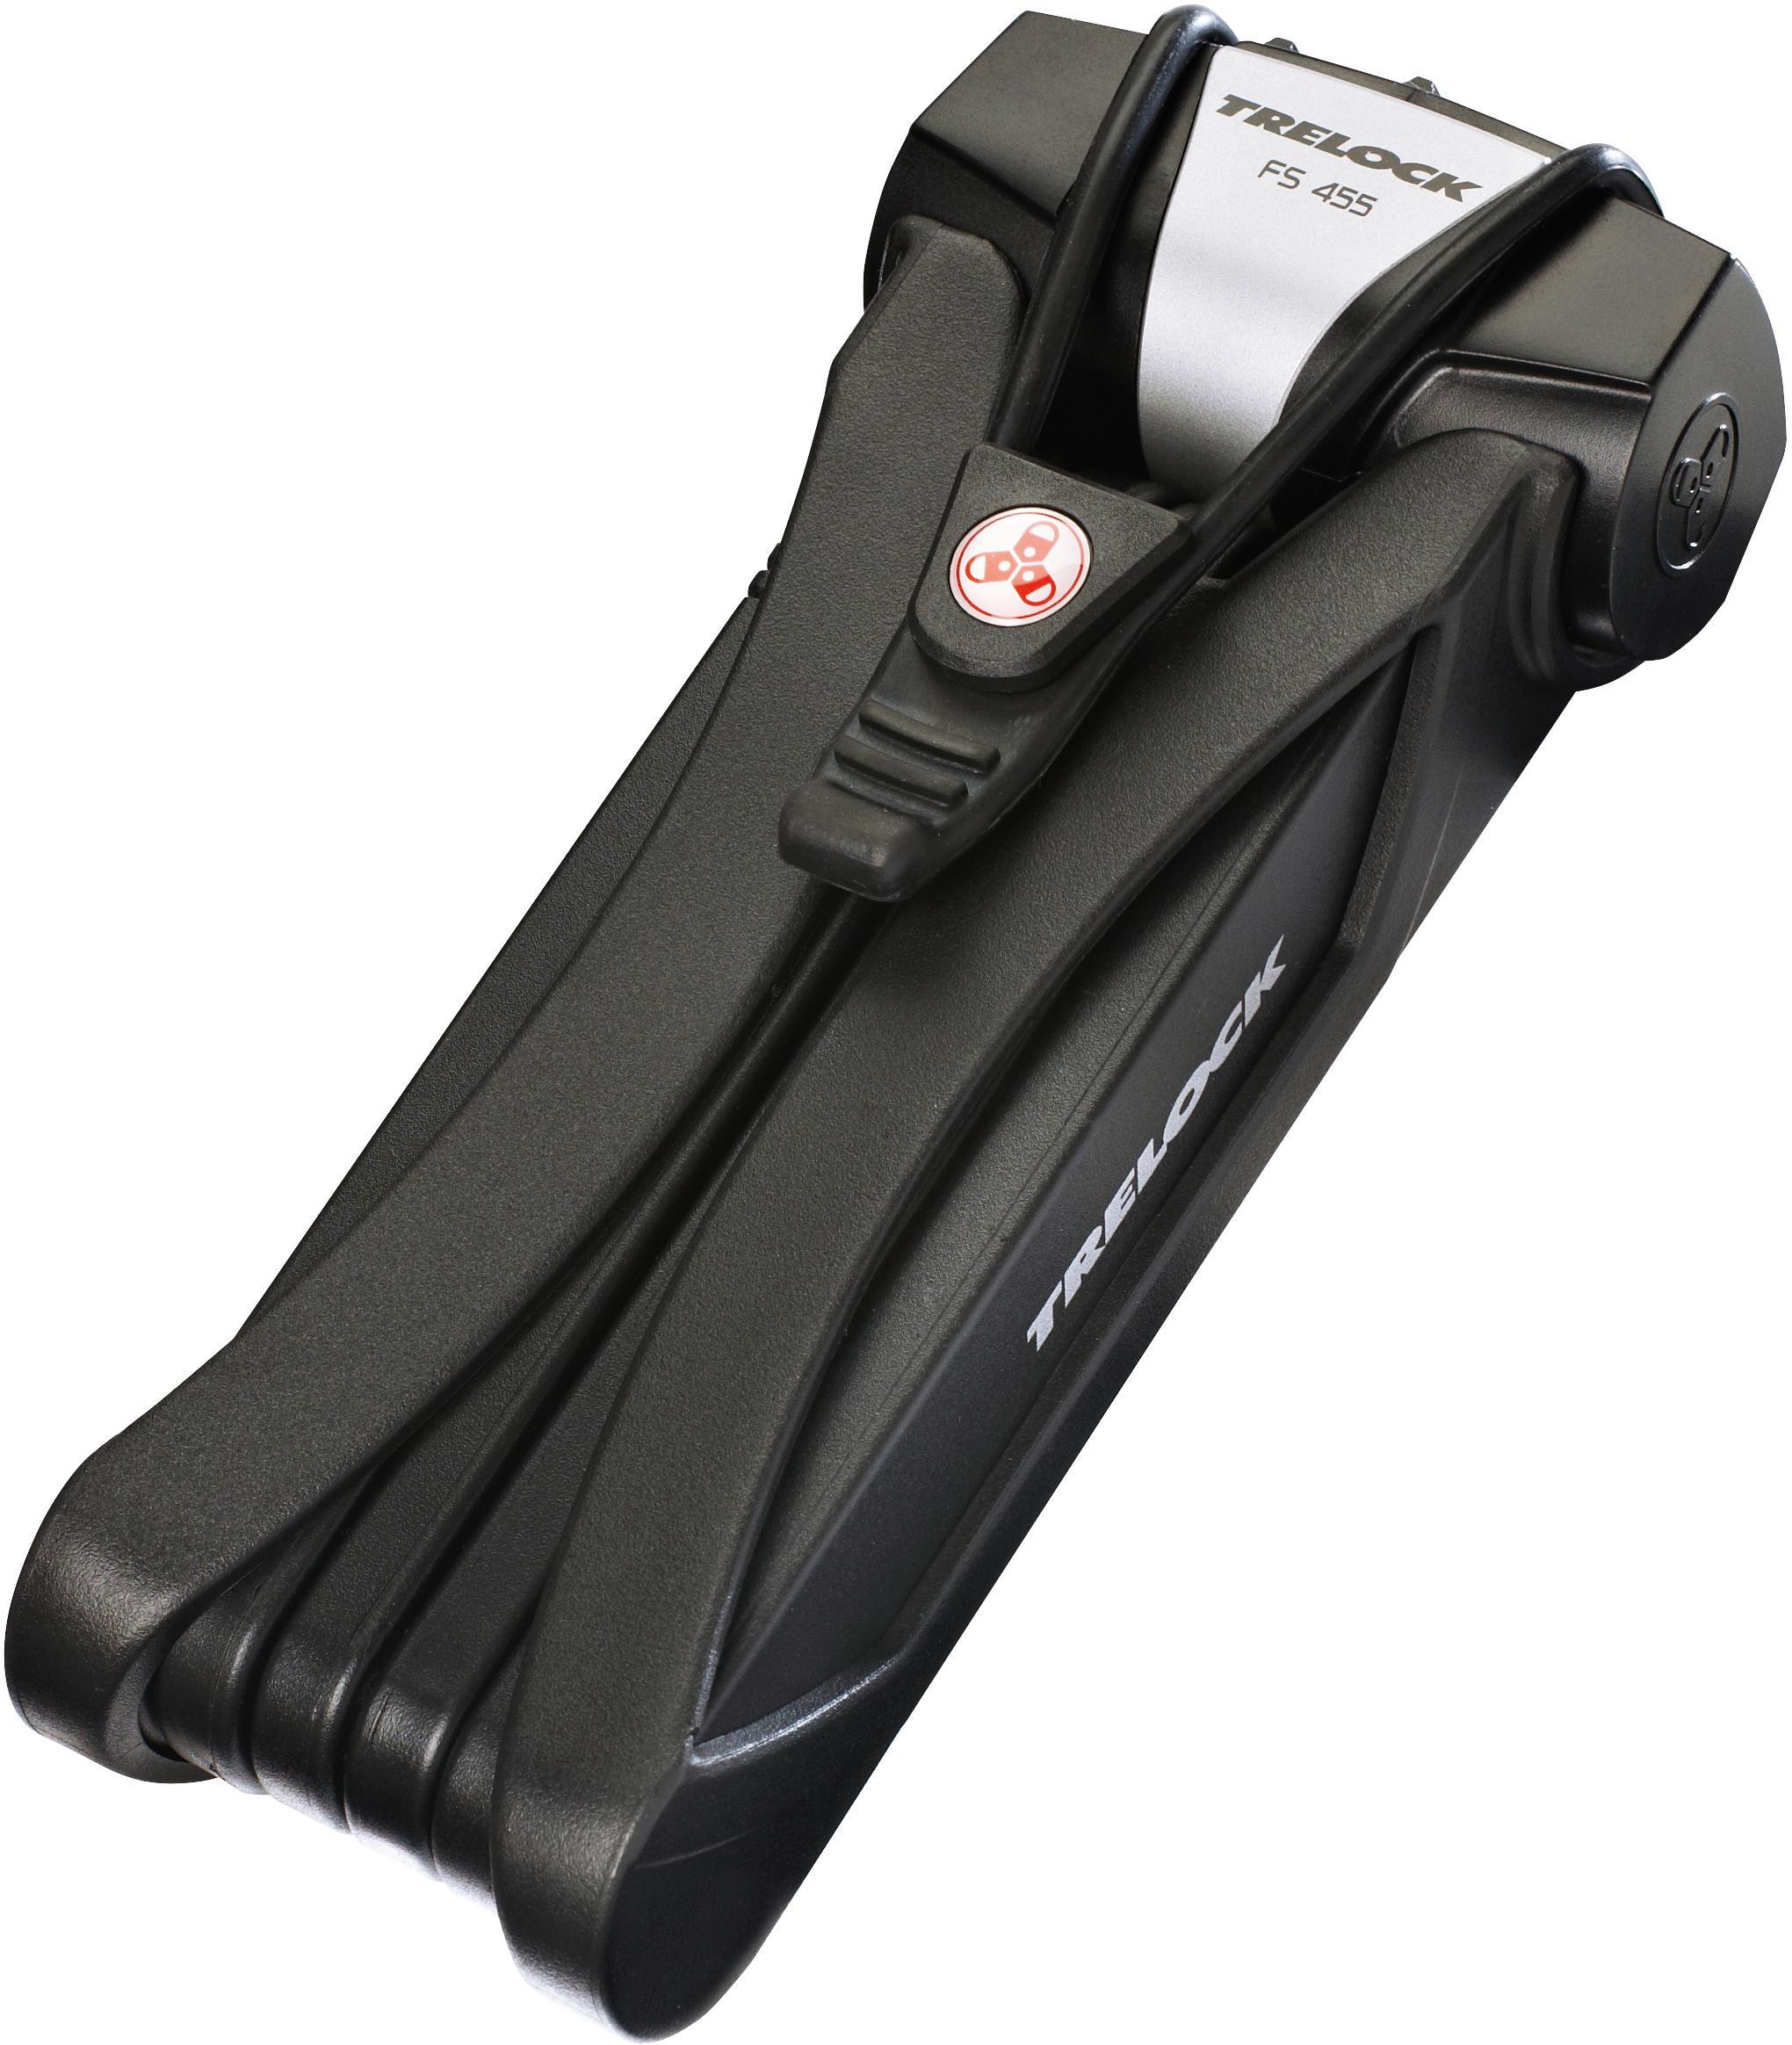 Trelock Faltschloss FS 455/85 COPS (mit Halterung) Preisvergleich